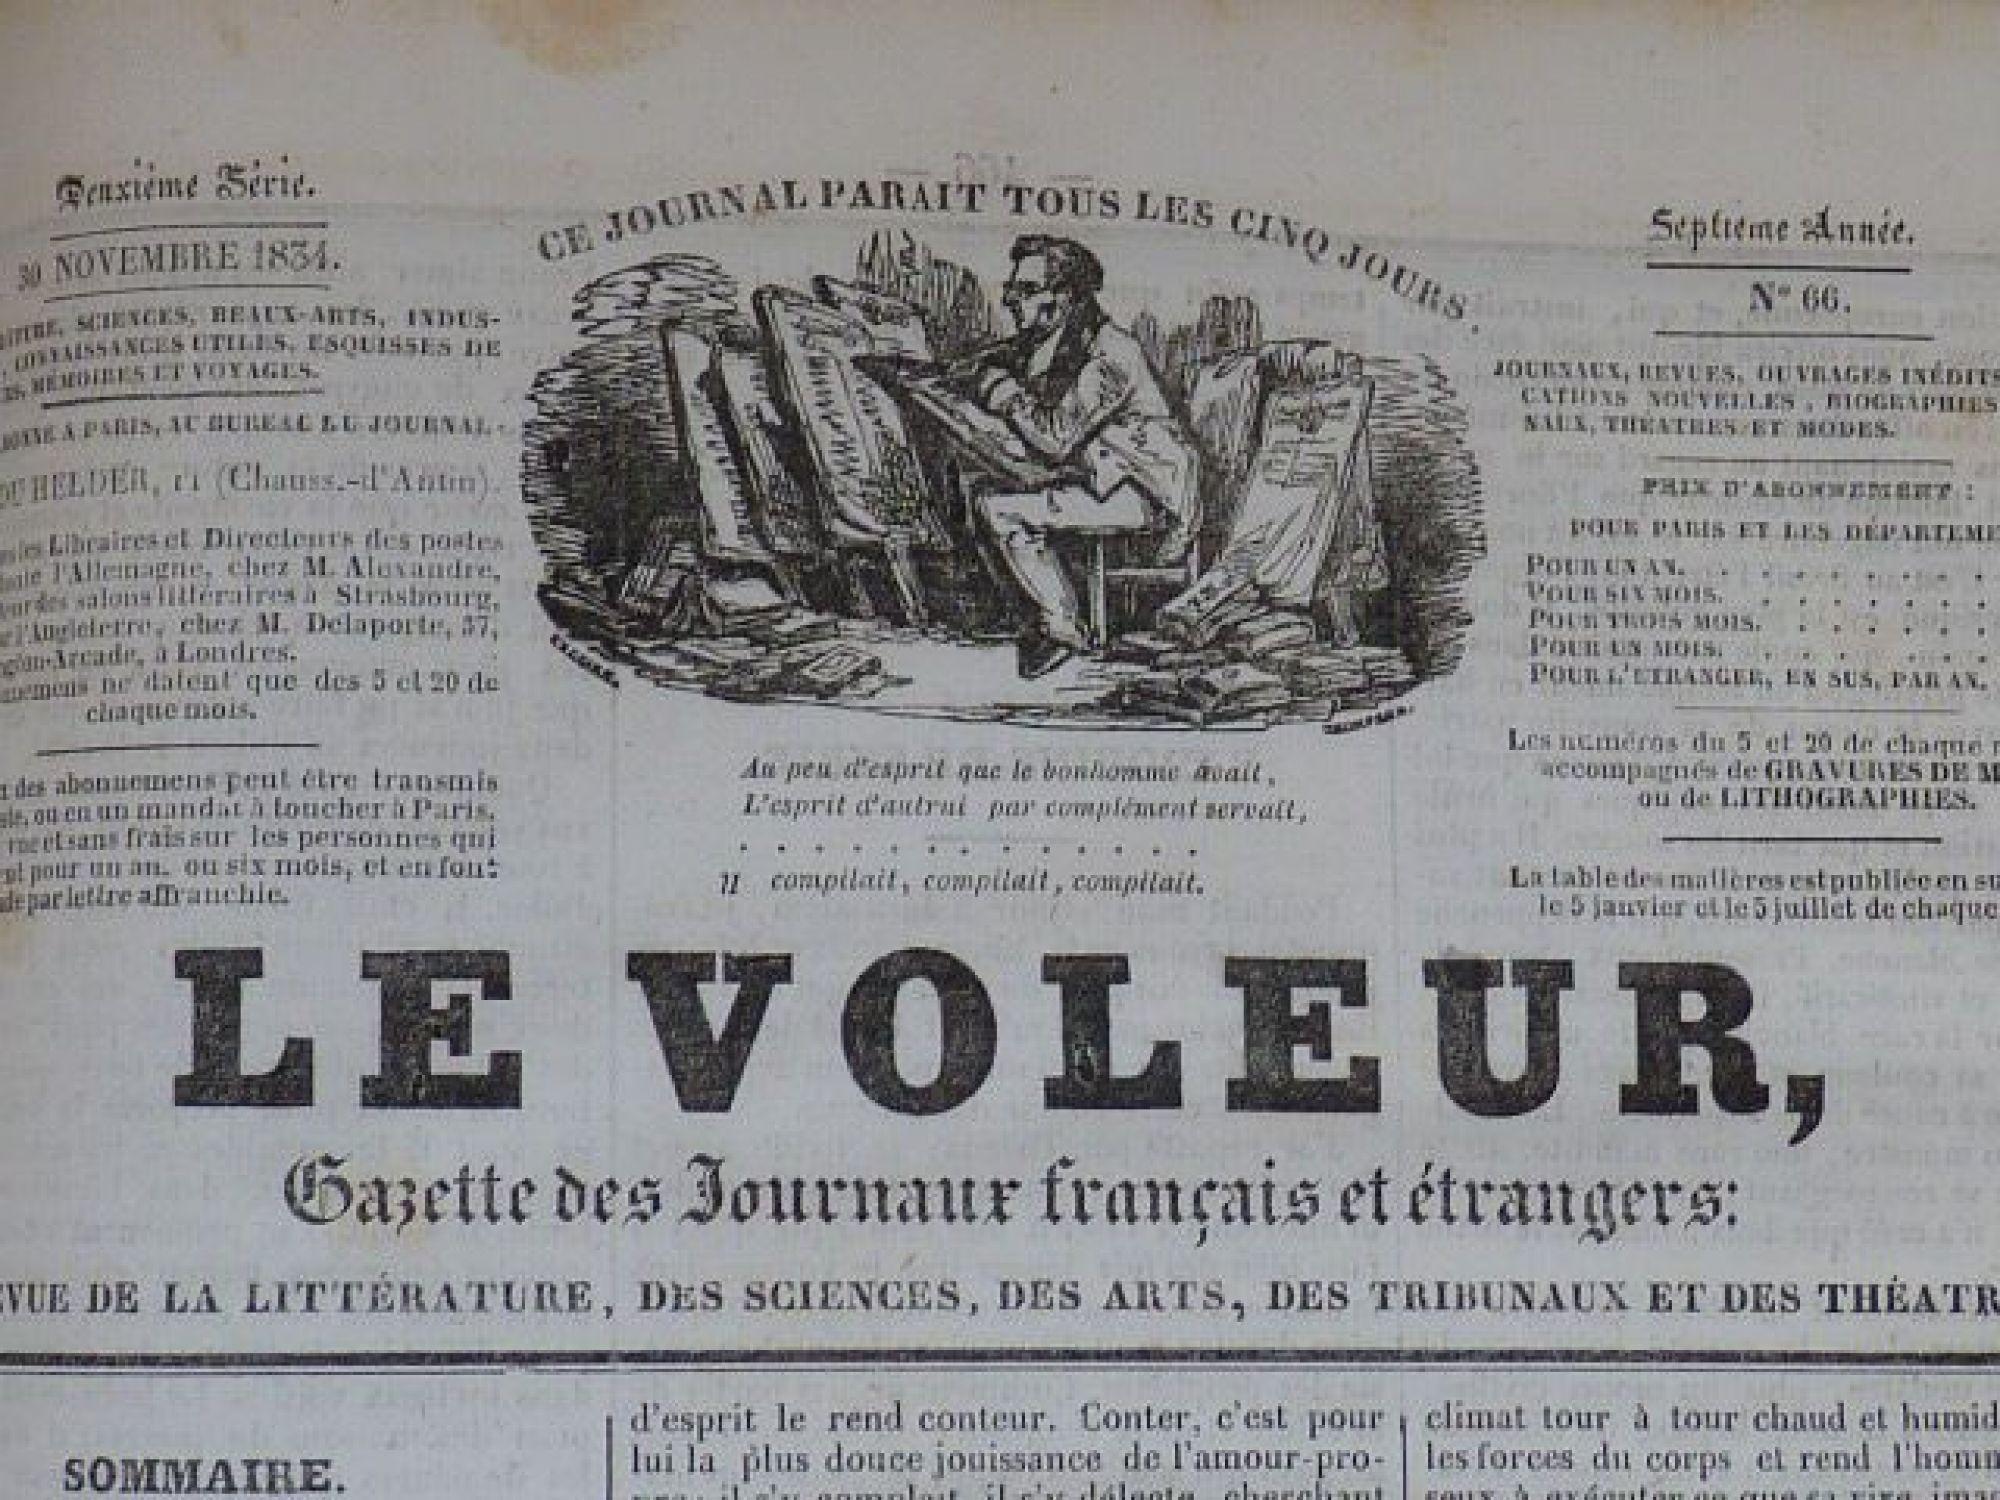 Balzac Le Voleur Gazette Des Journaux Fran Ais Et